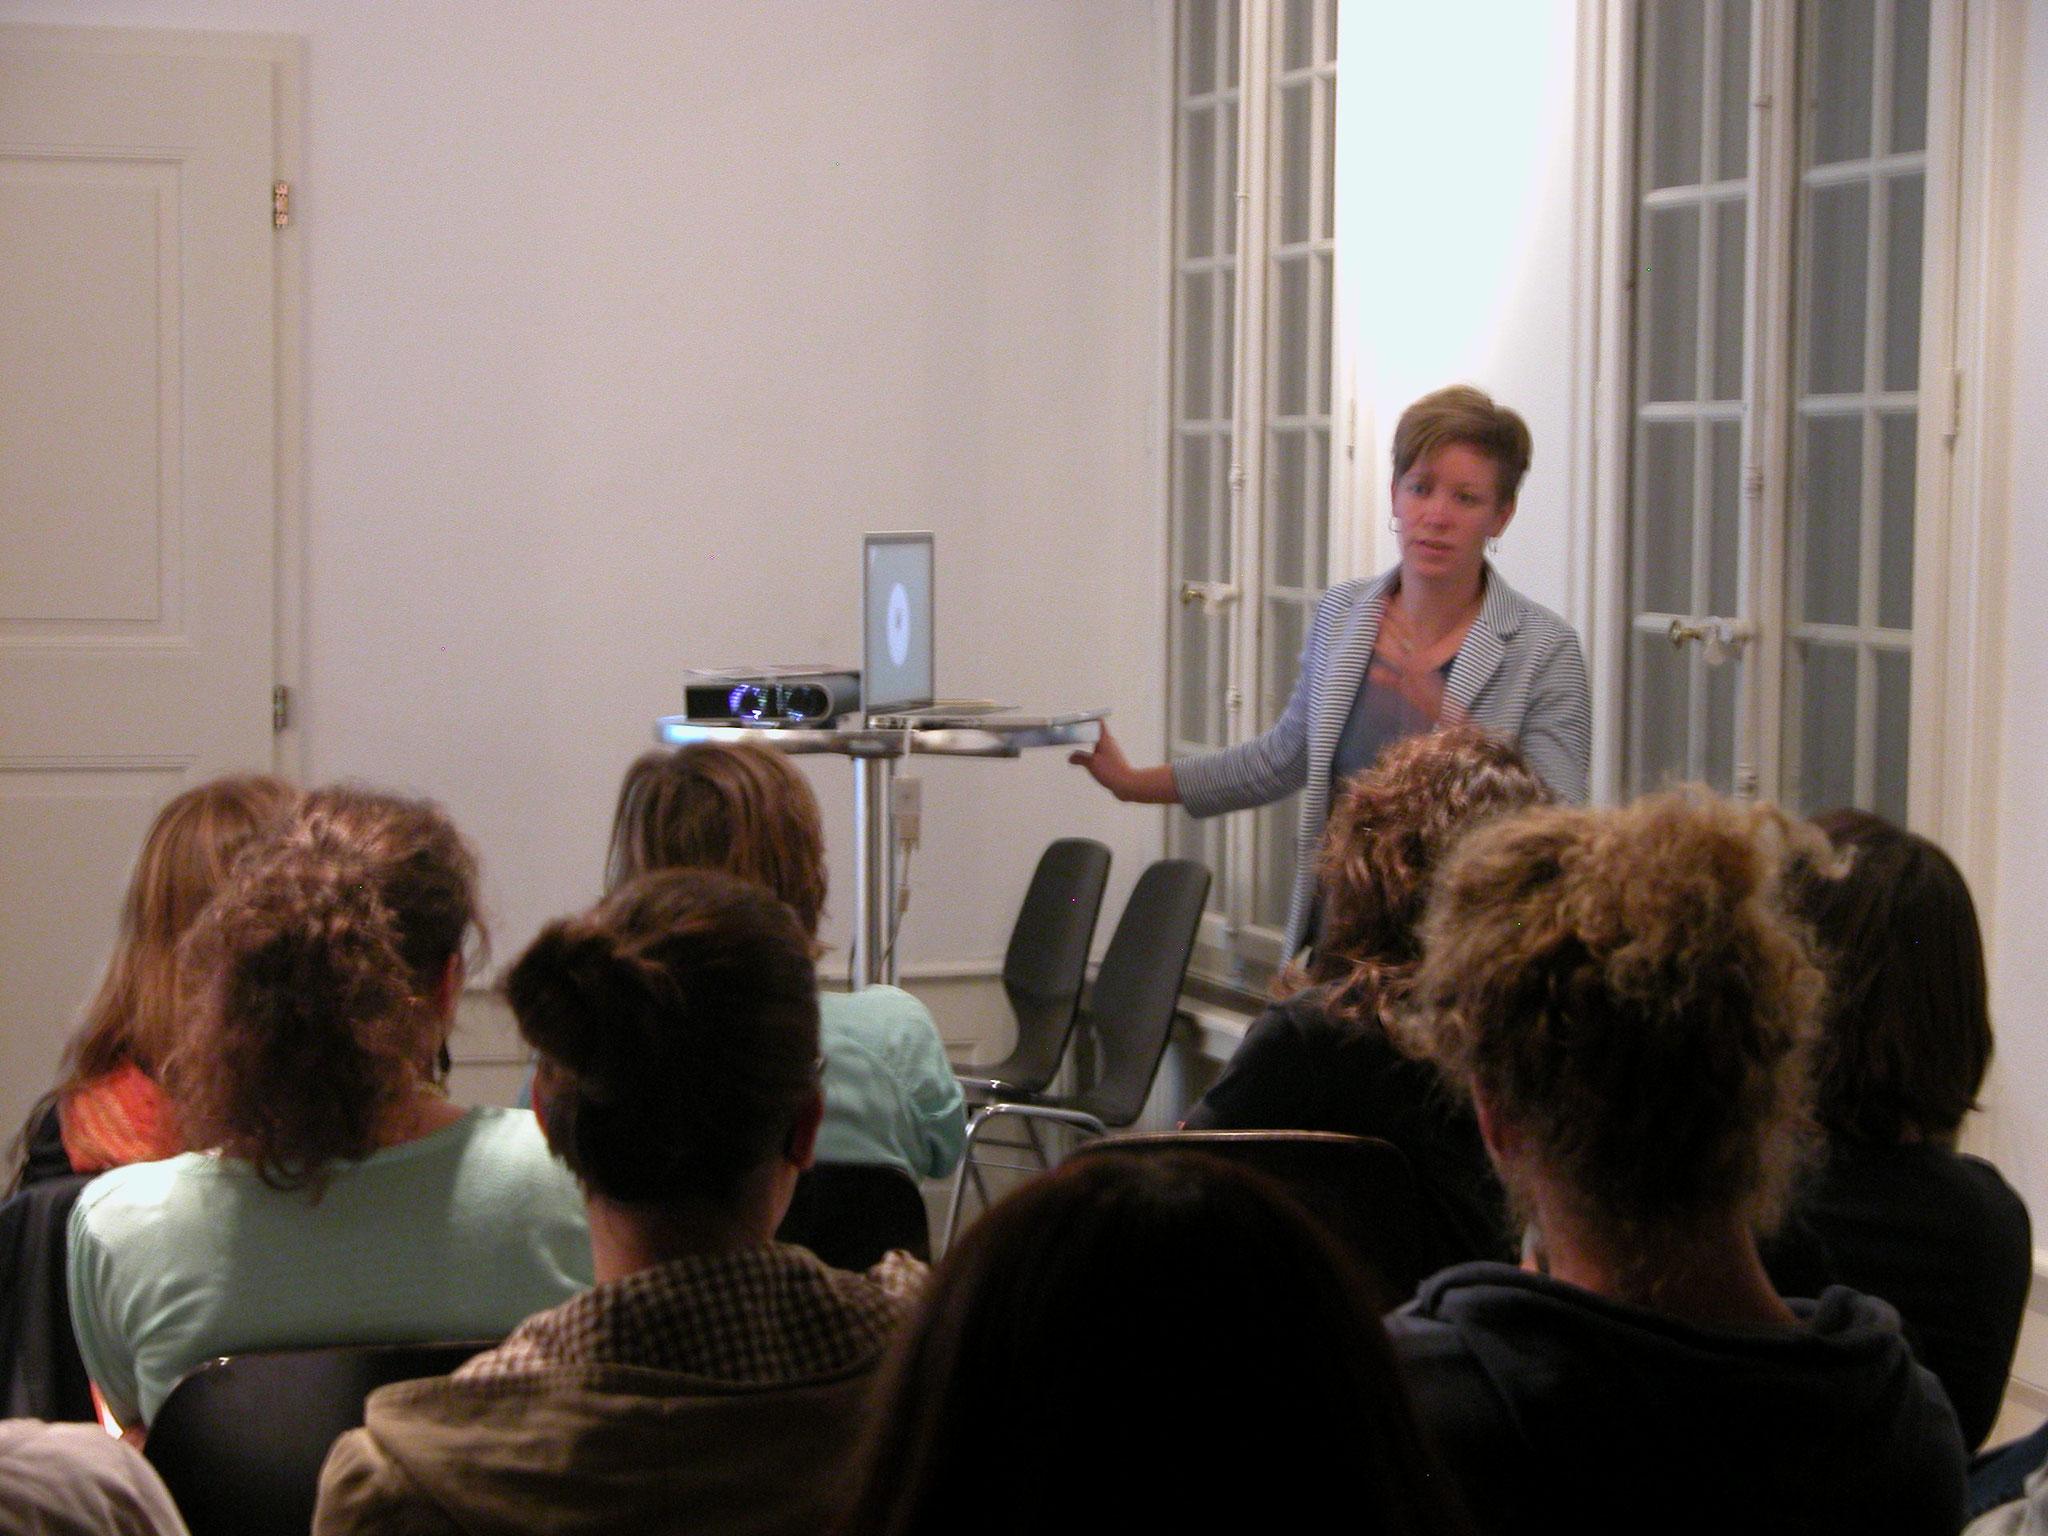 2013: Netzwerktreffen: Anne Wegmüller, Soziokulturelle Animatorin und Leiterin der Fachstelle Spielraum, stellt ihre Arbeit vor